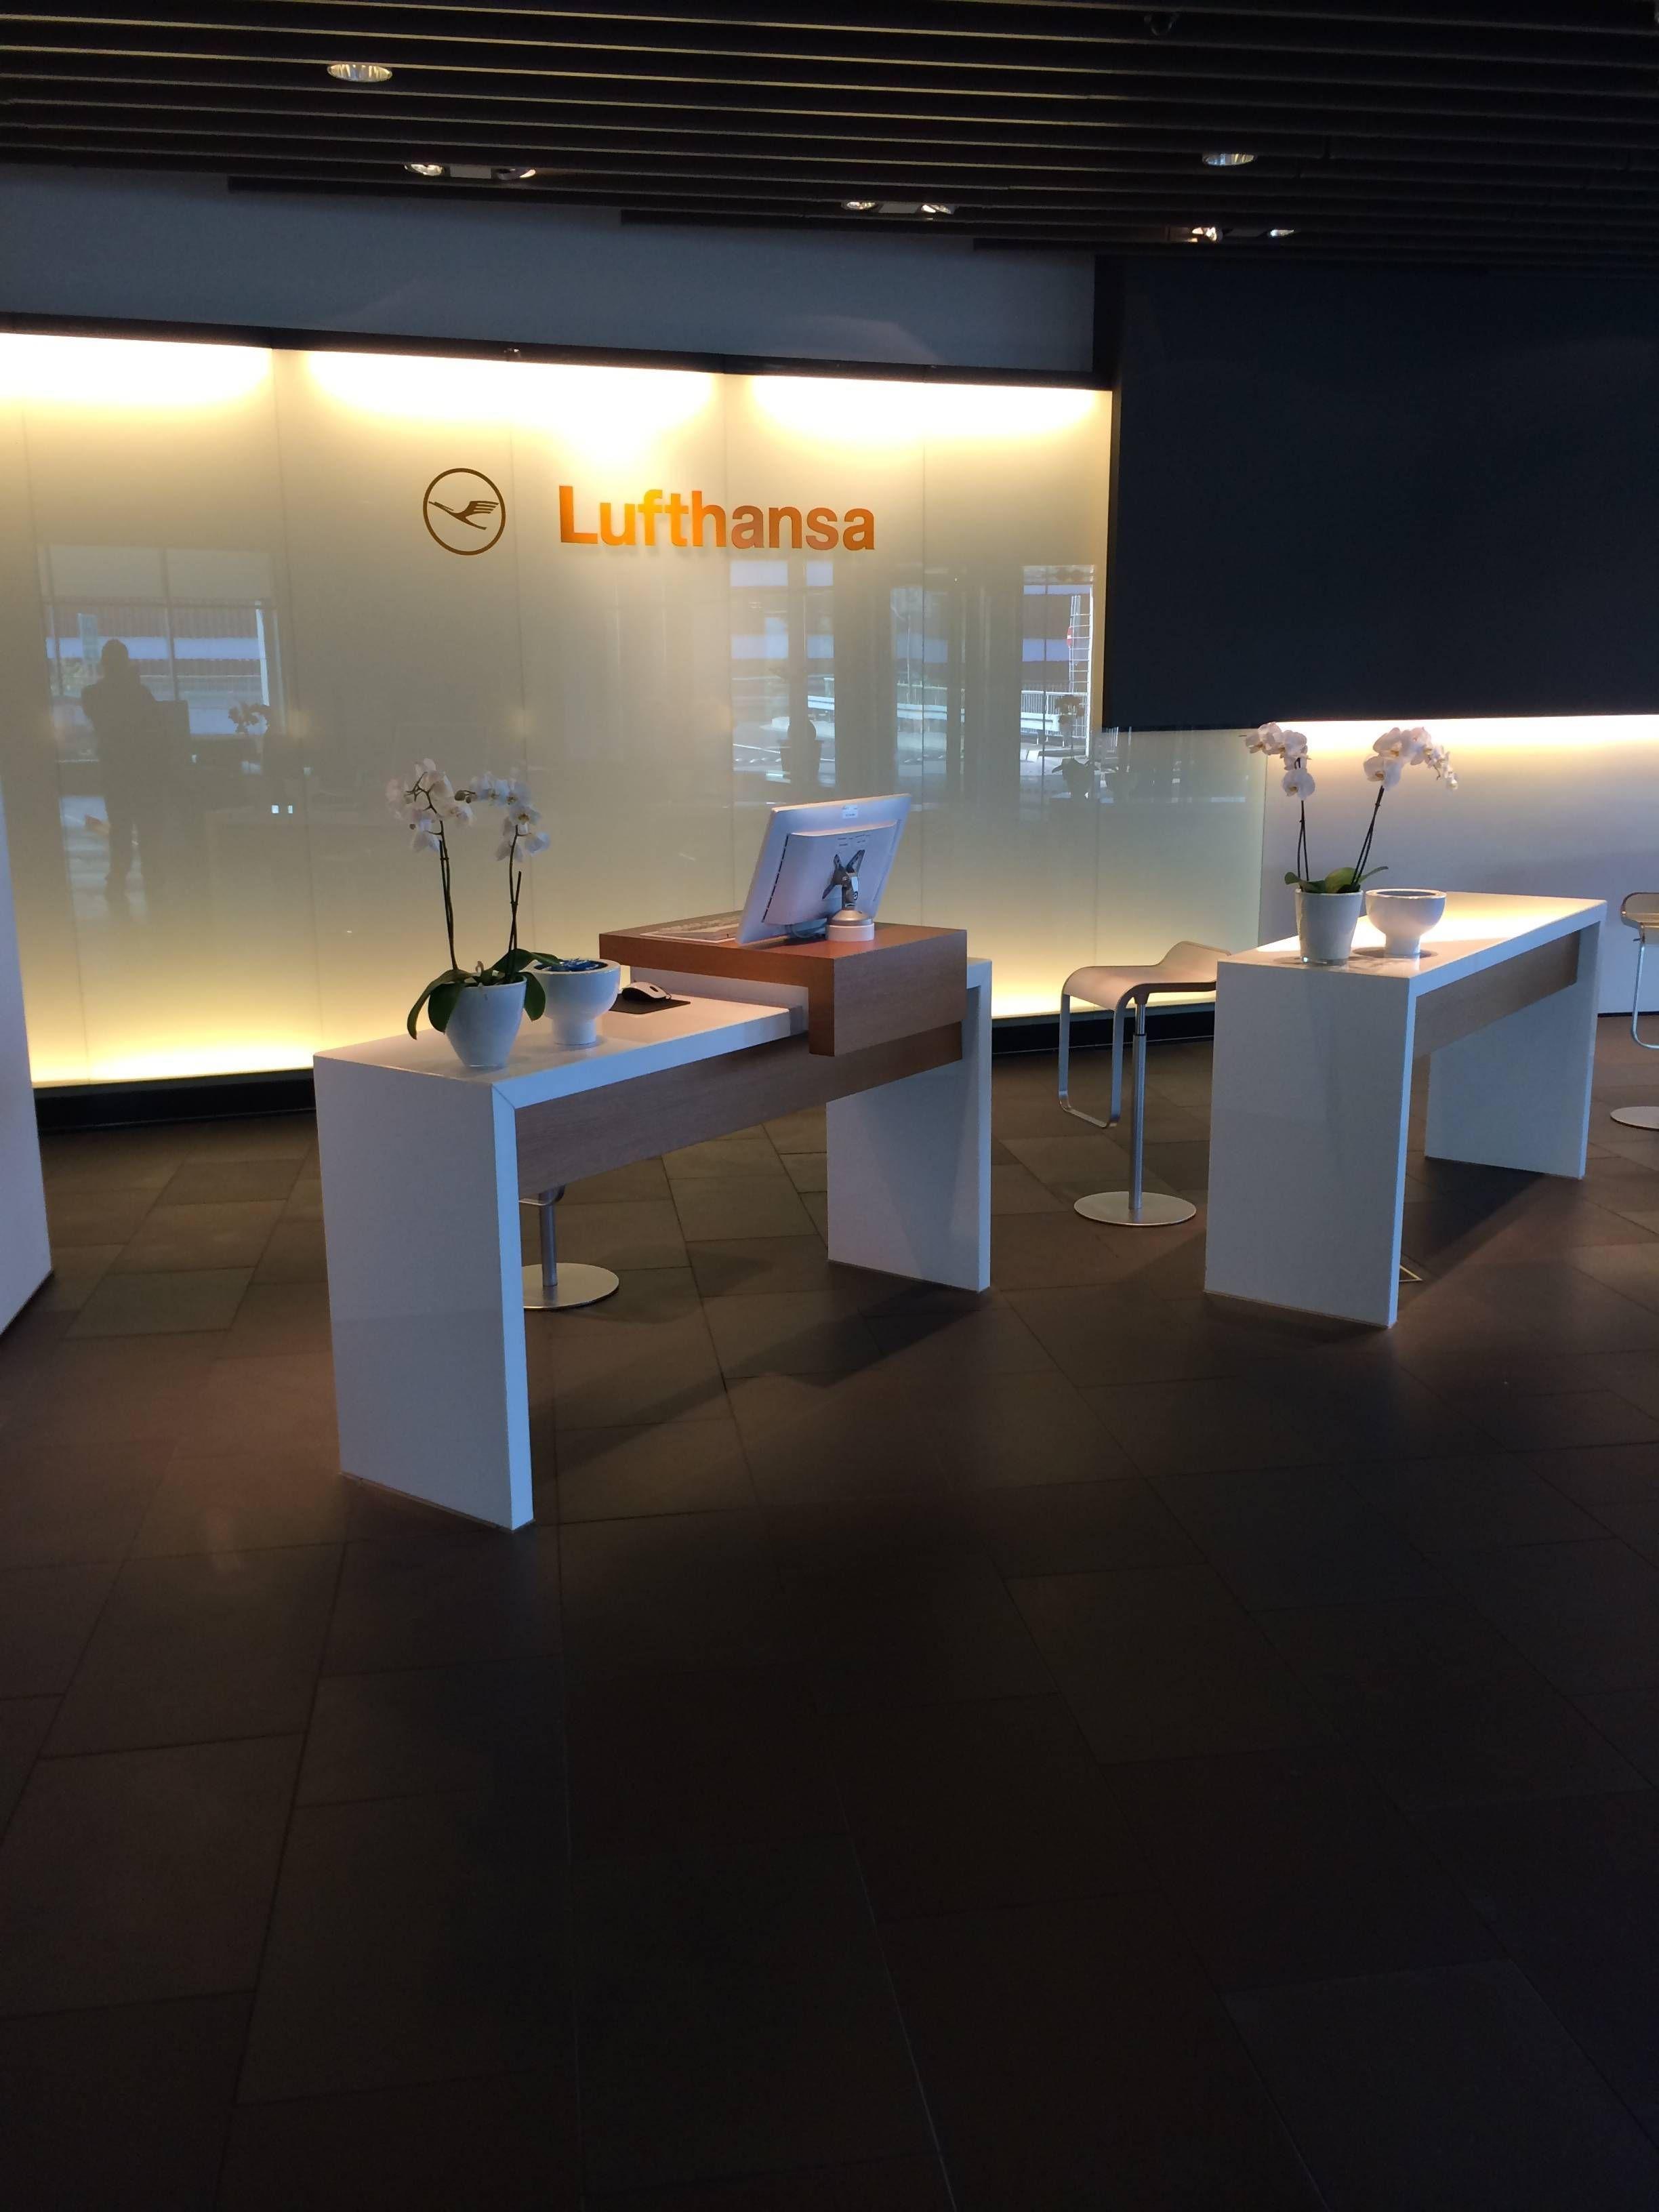 Lufthansa First Class Terminal - Passageirodeprimeira